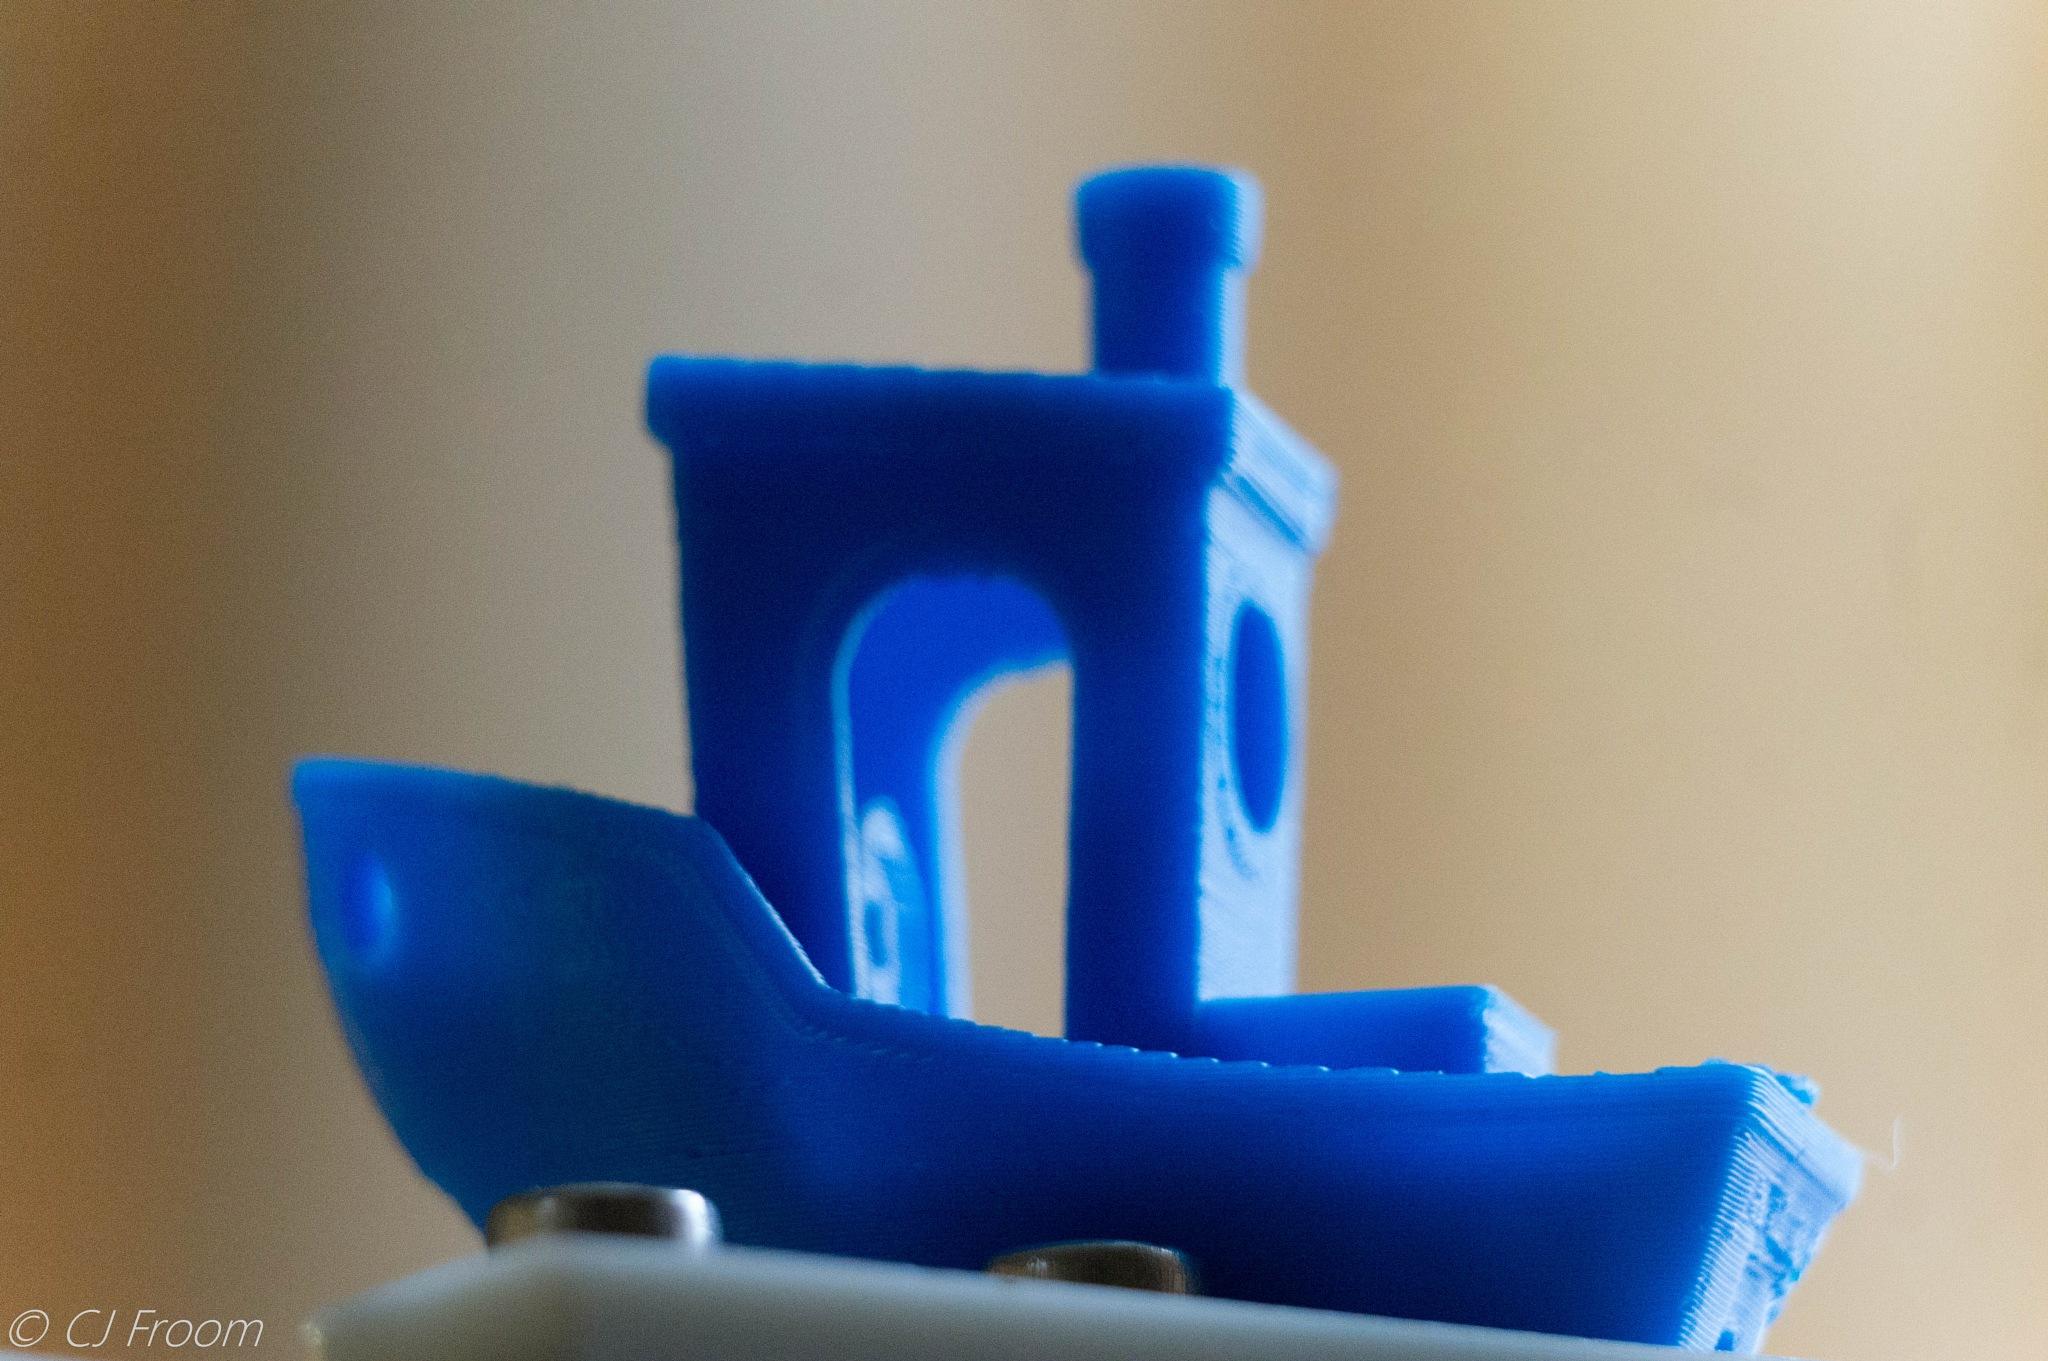 Little Blue Boat by Cj Froom